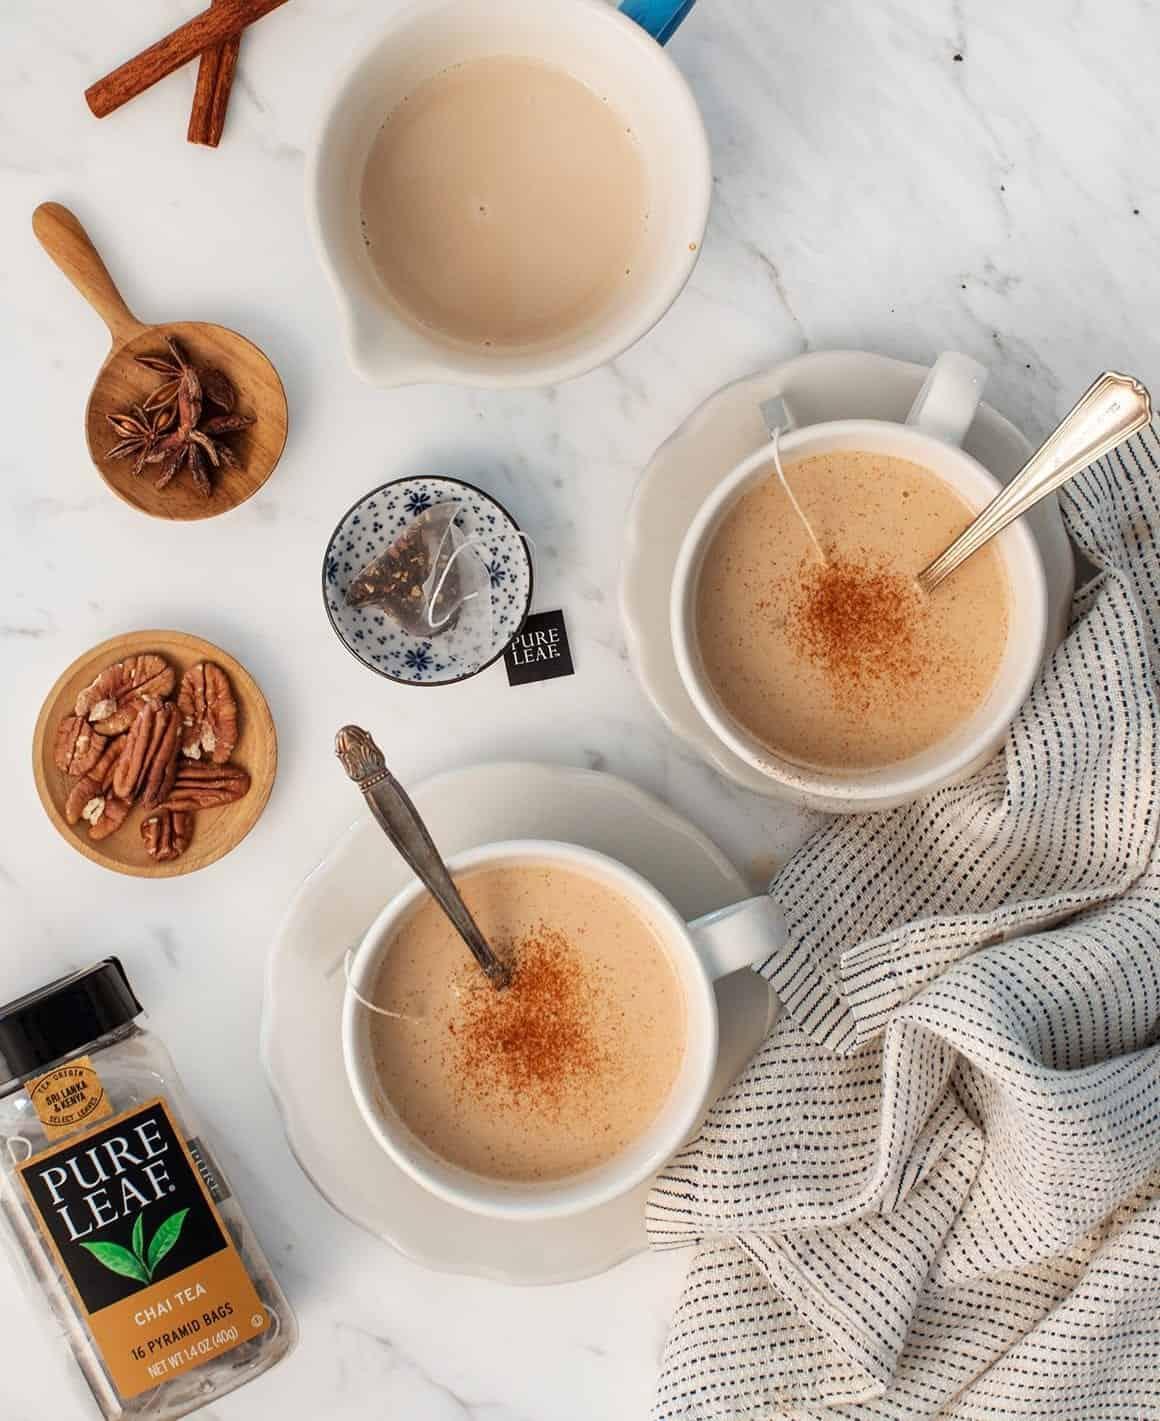 香草核桃牛奶茶拿铁